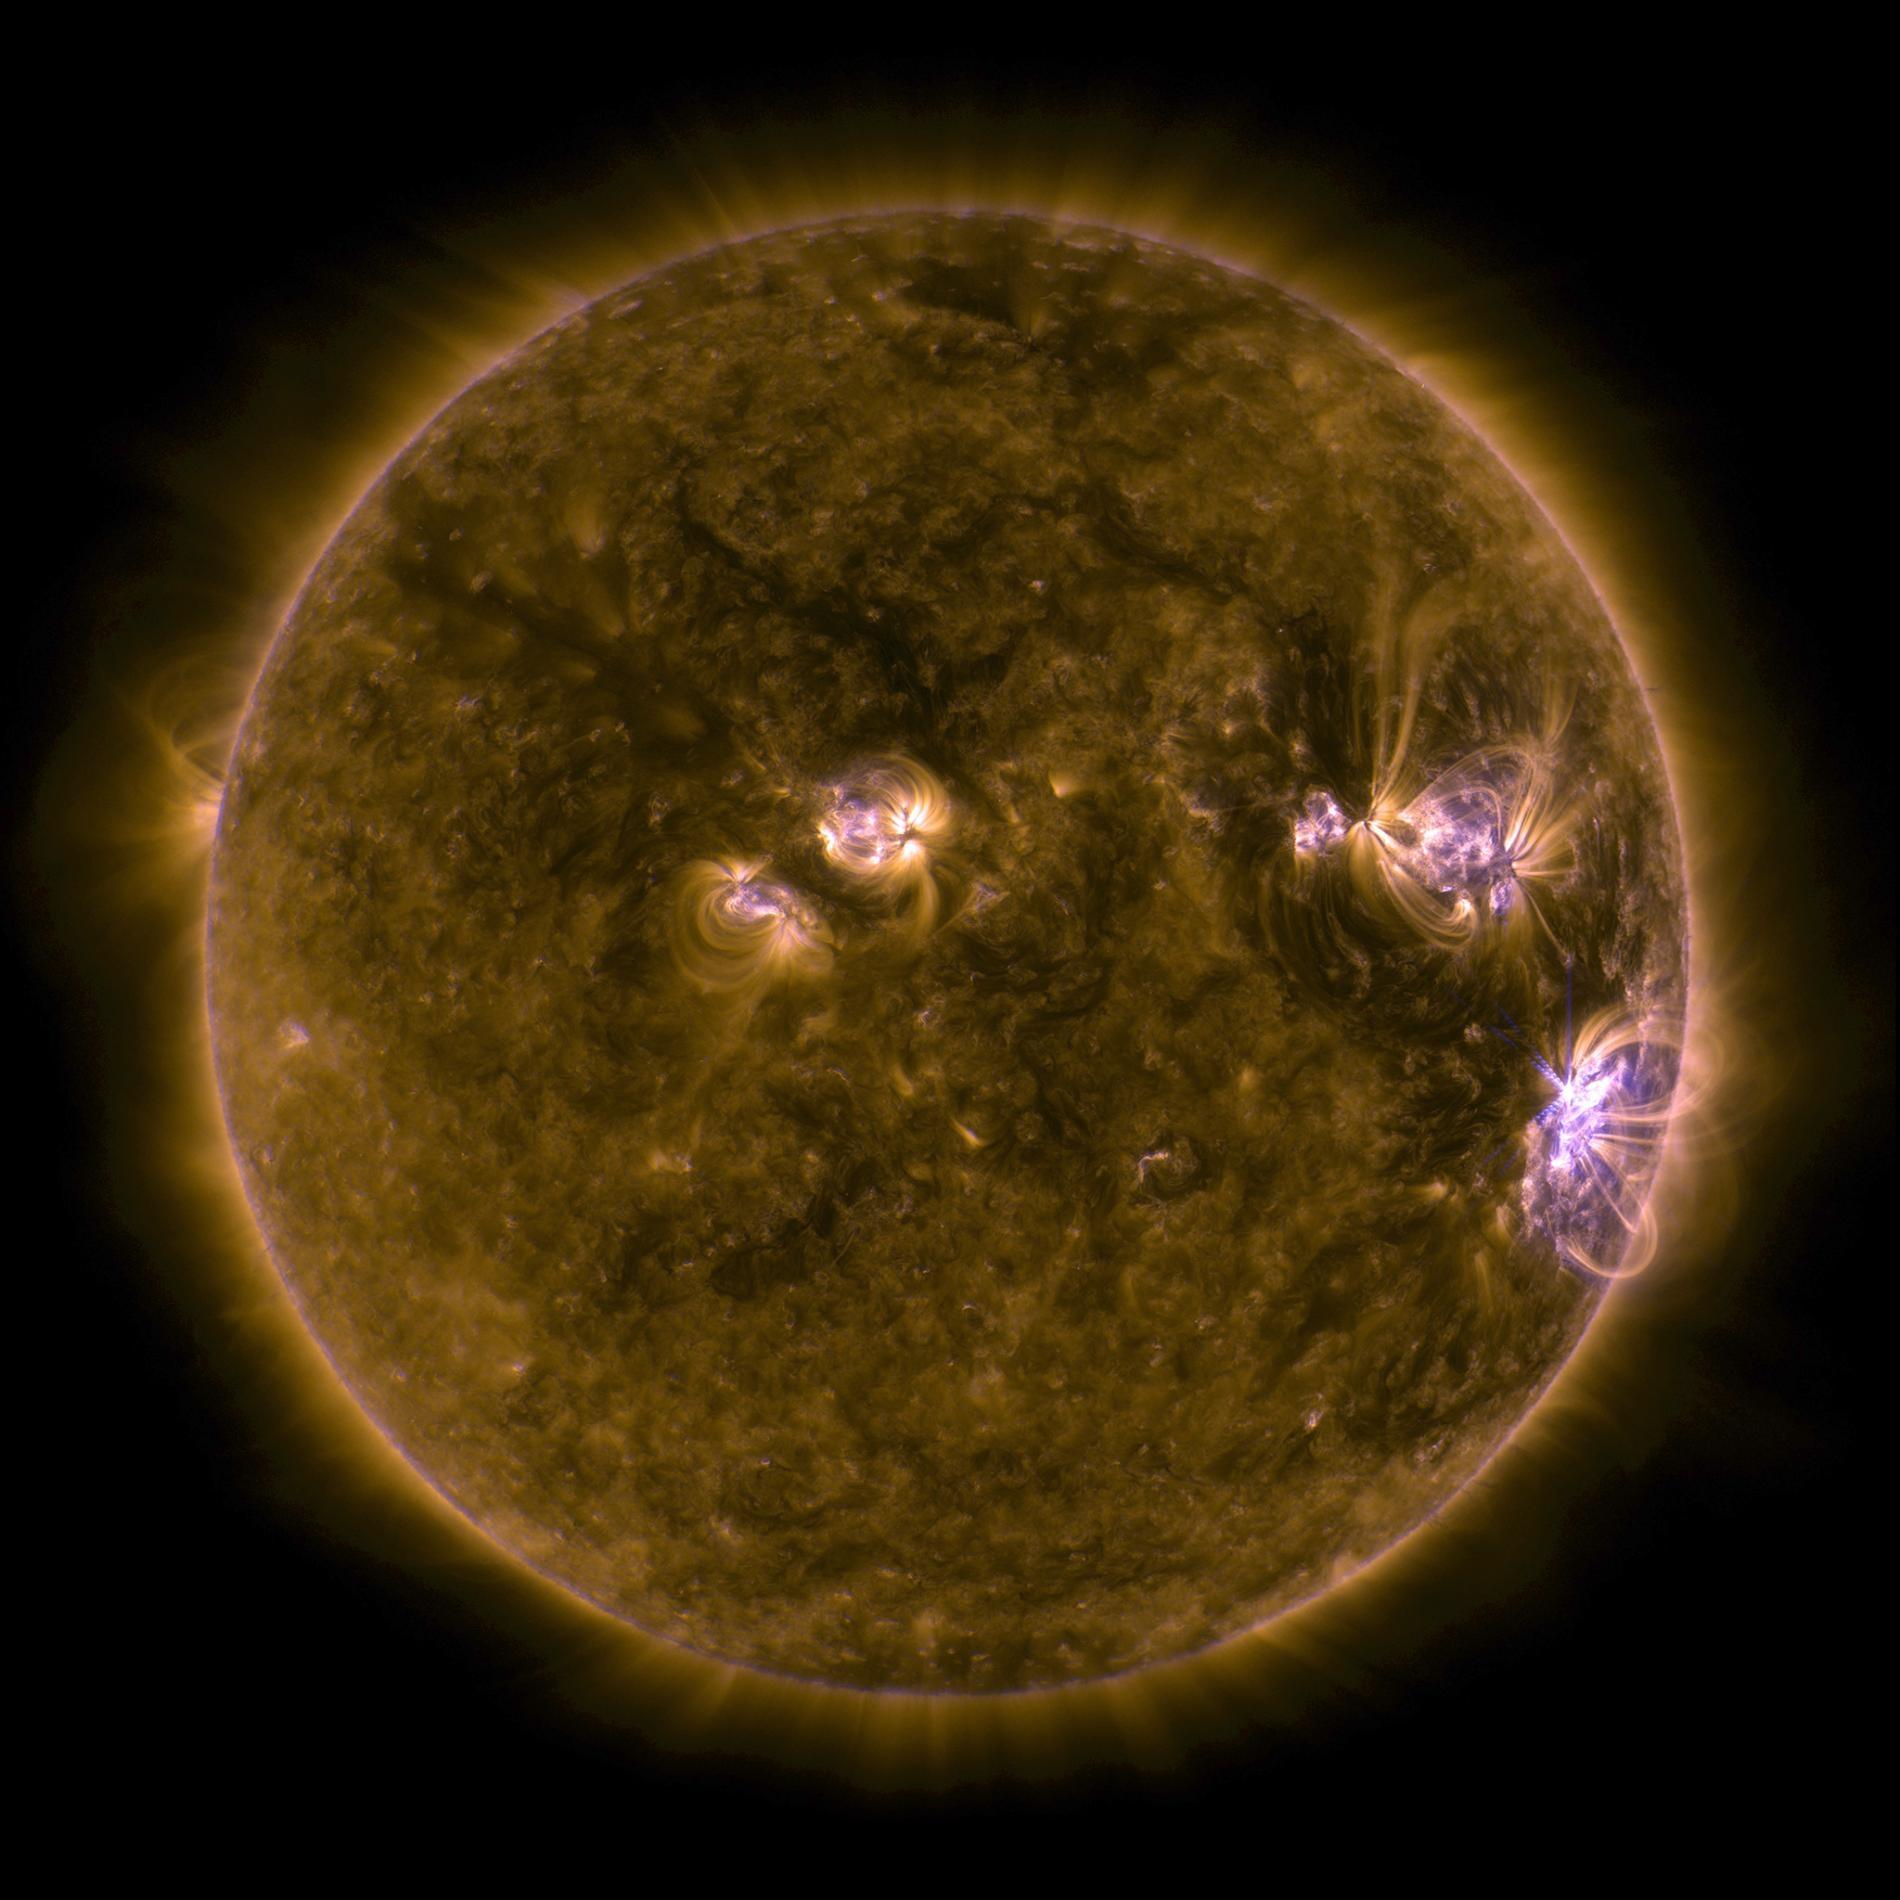 這張影像是由美國航太總署(NASA)太陽動力學天文台(Solar Dynamics Observatory,簡稱SDO)在2017年9月所拍攝的太陽紫外線影像,可以在日面的右下角看到強烈太陽閃焰所形成的X形爆發。PHOTOGRAPH BY NASA, GSFC/ SDO